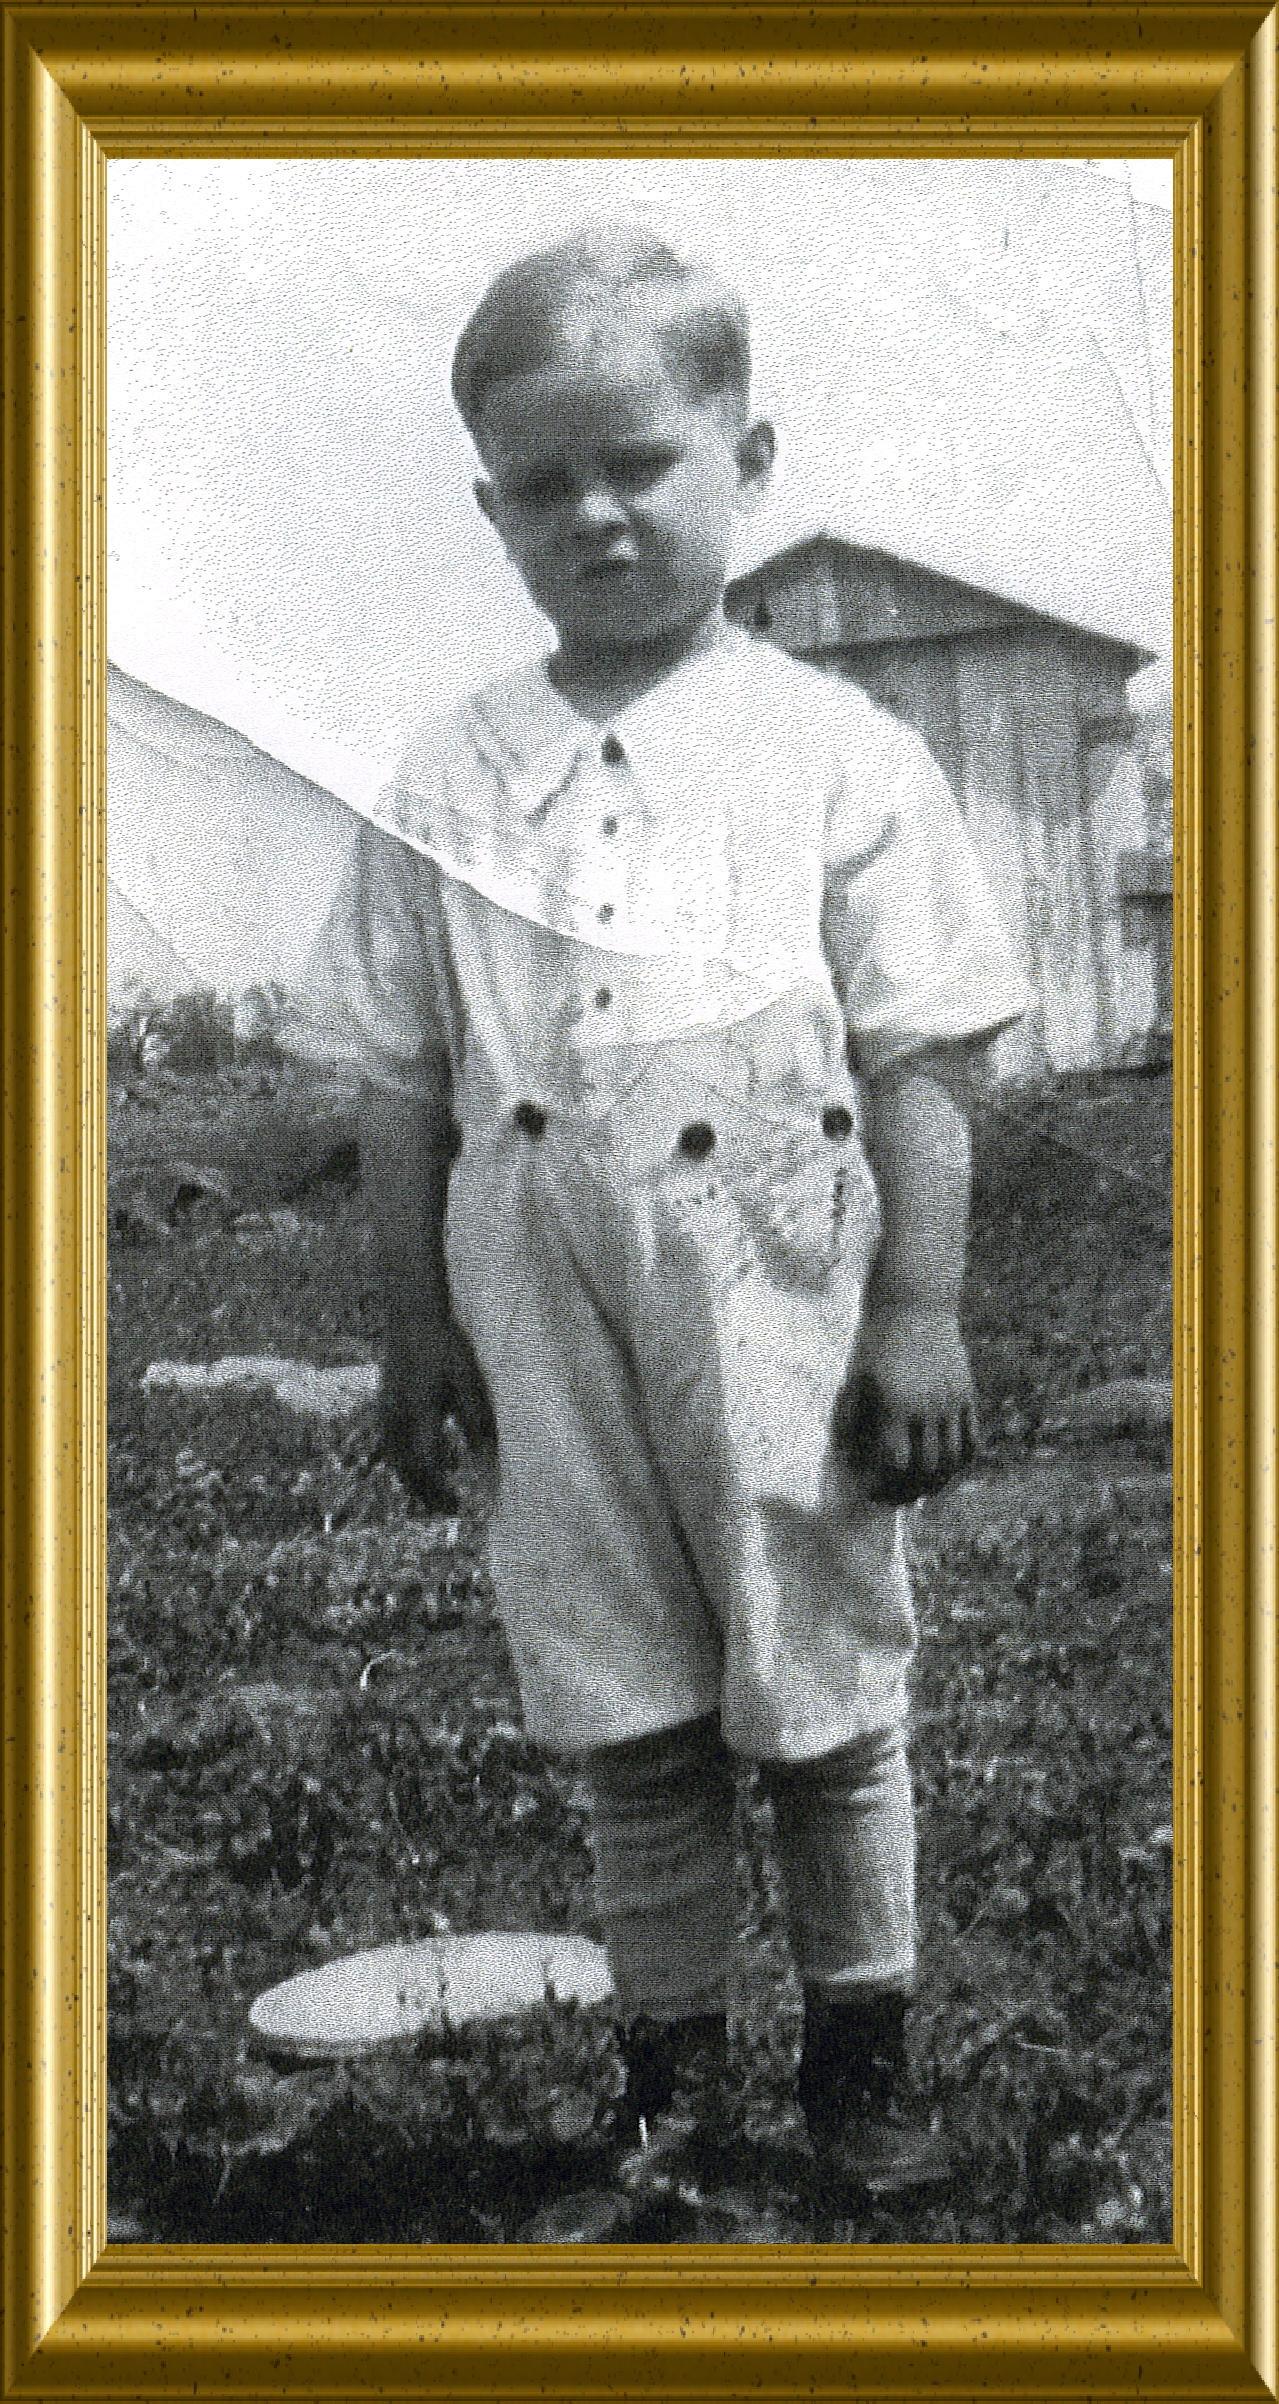 Everett E Siler